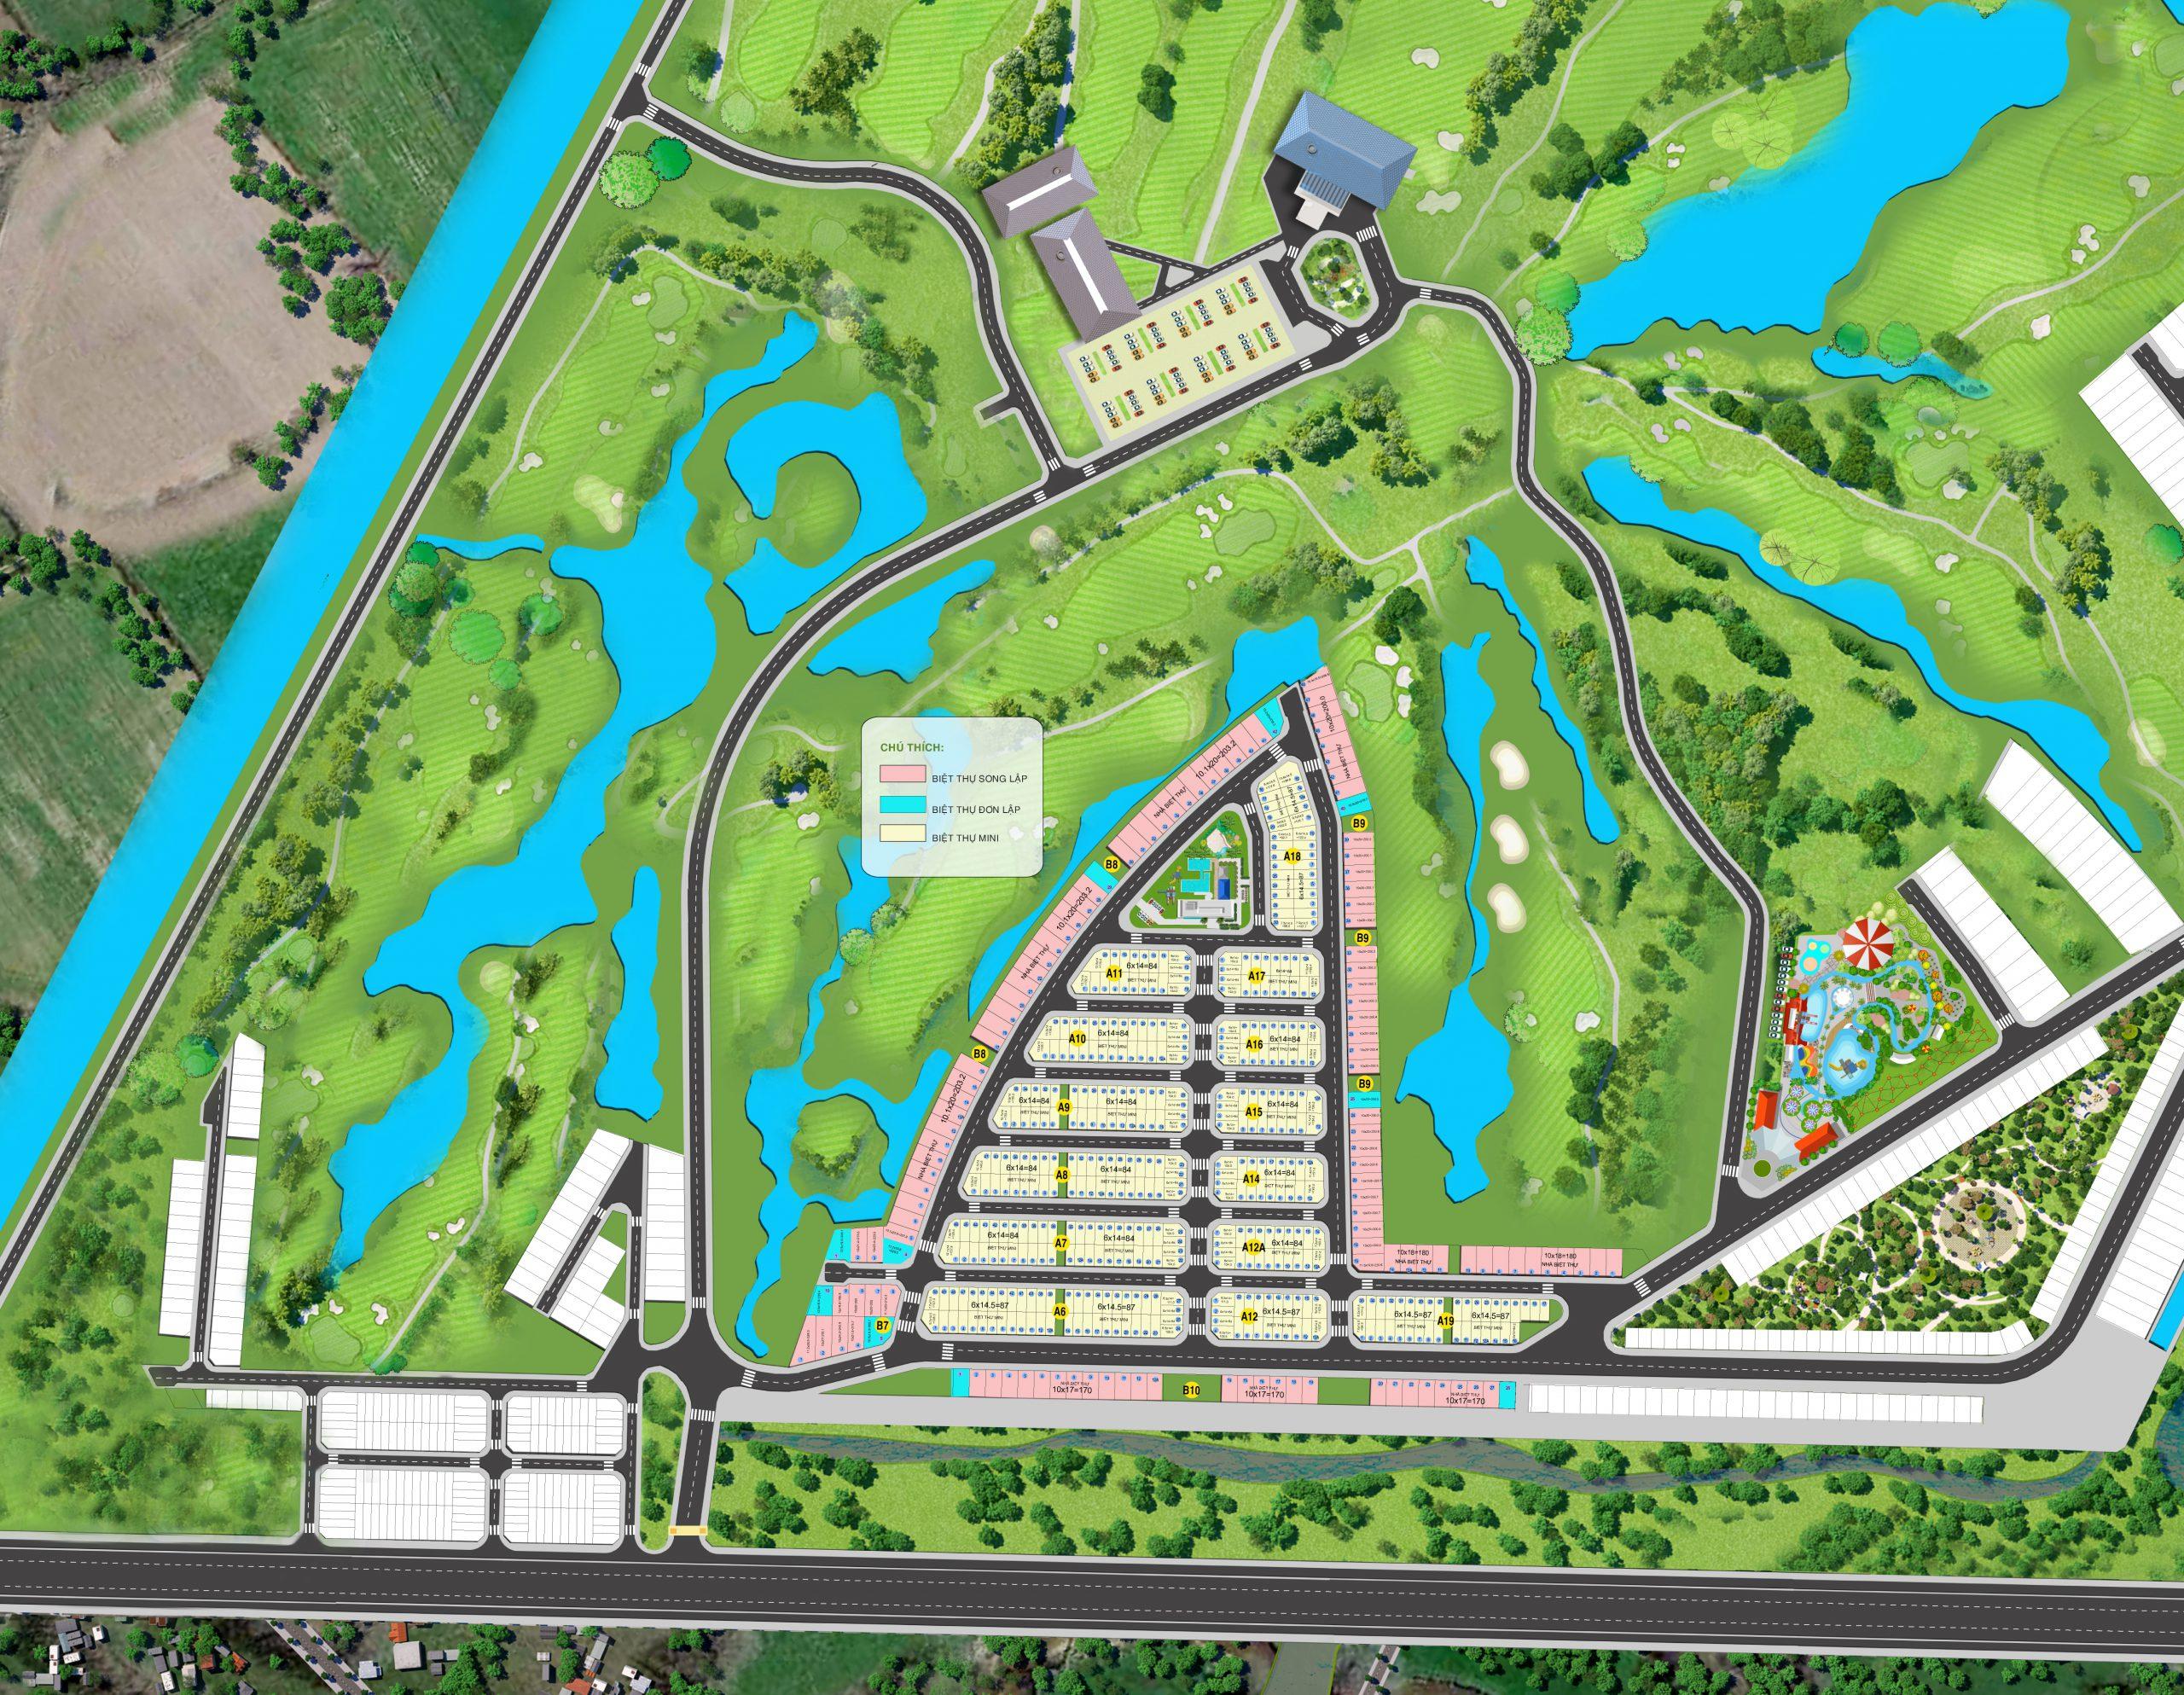 Đôi nét về dự án biệt thự nghỉ dưỡng West Lakes Golf & Villas